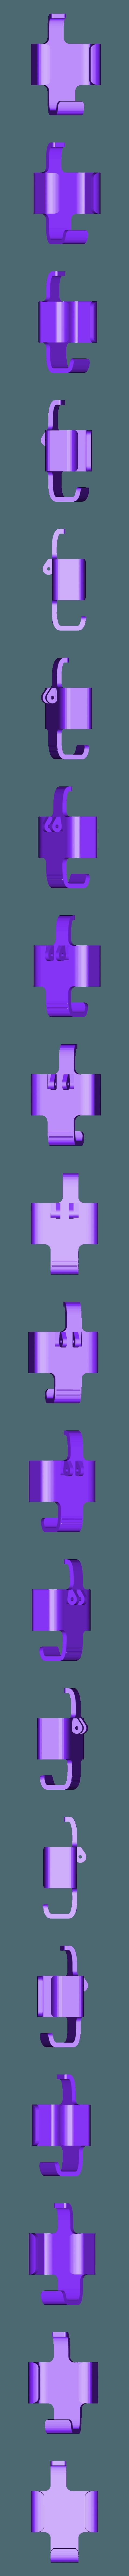 Press_Body_SmartkeyBeltClip.stl Télécharger fichier STL gratuit Clip de ceinture pour Prius Smartkey (étui) • Plan pour impression 3D, Djindra